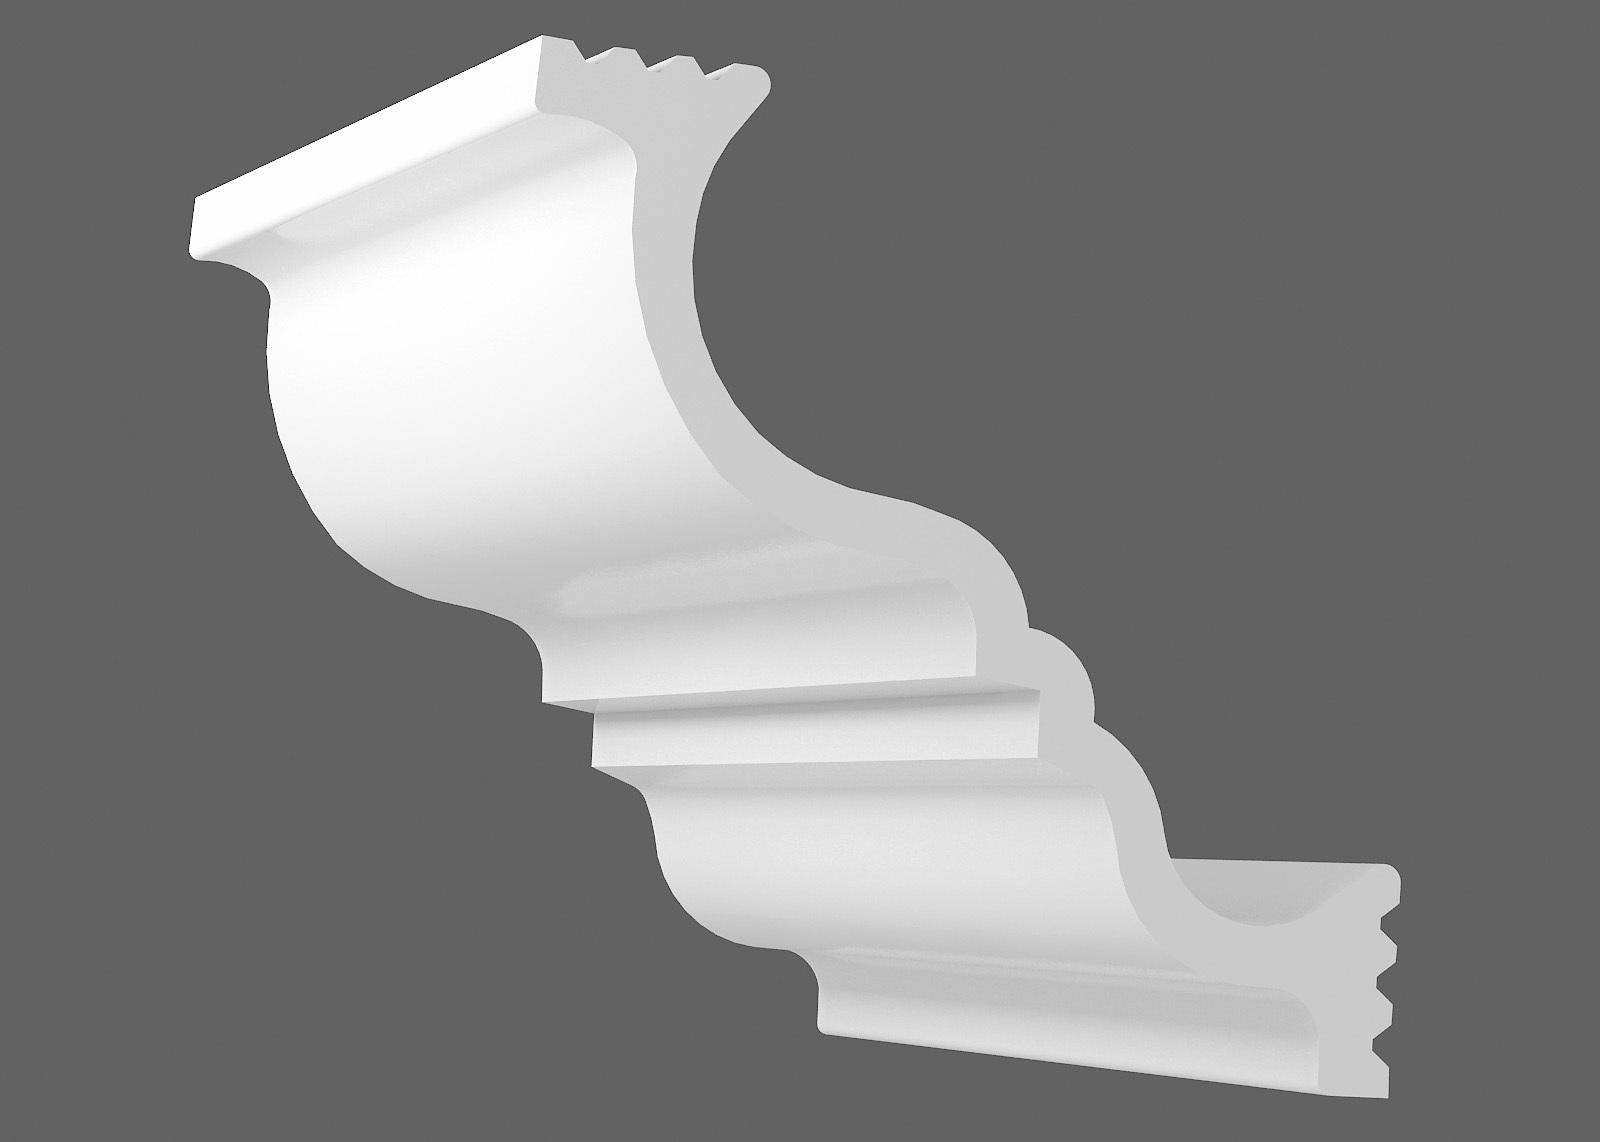 Потолочный плинтус Z-150 (Размер:105х105мм)